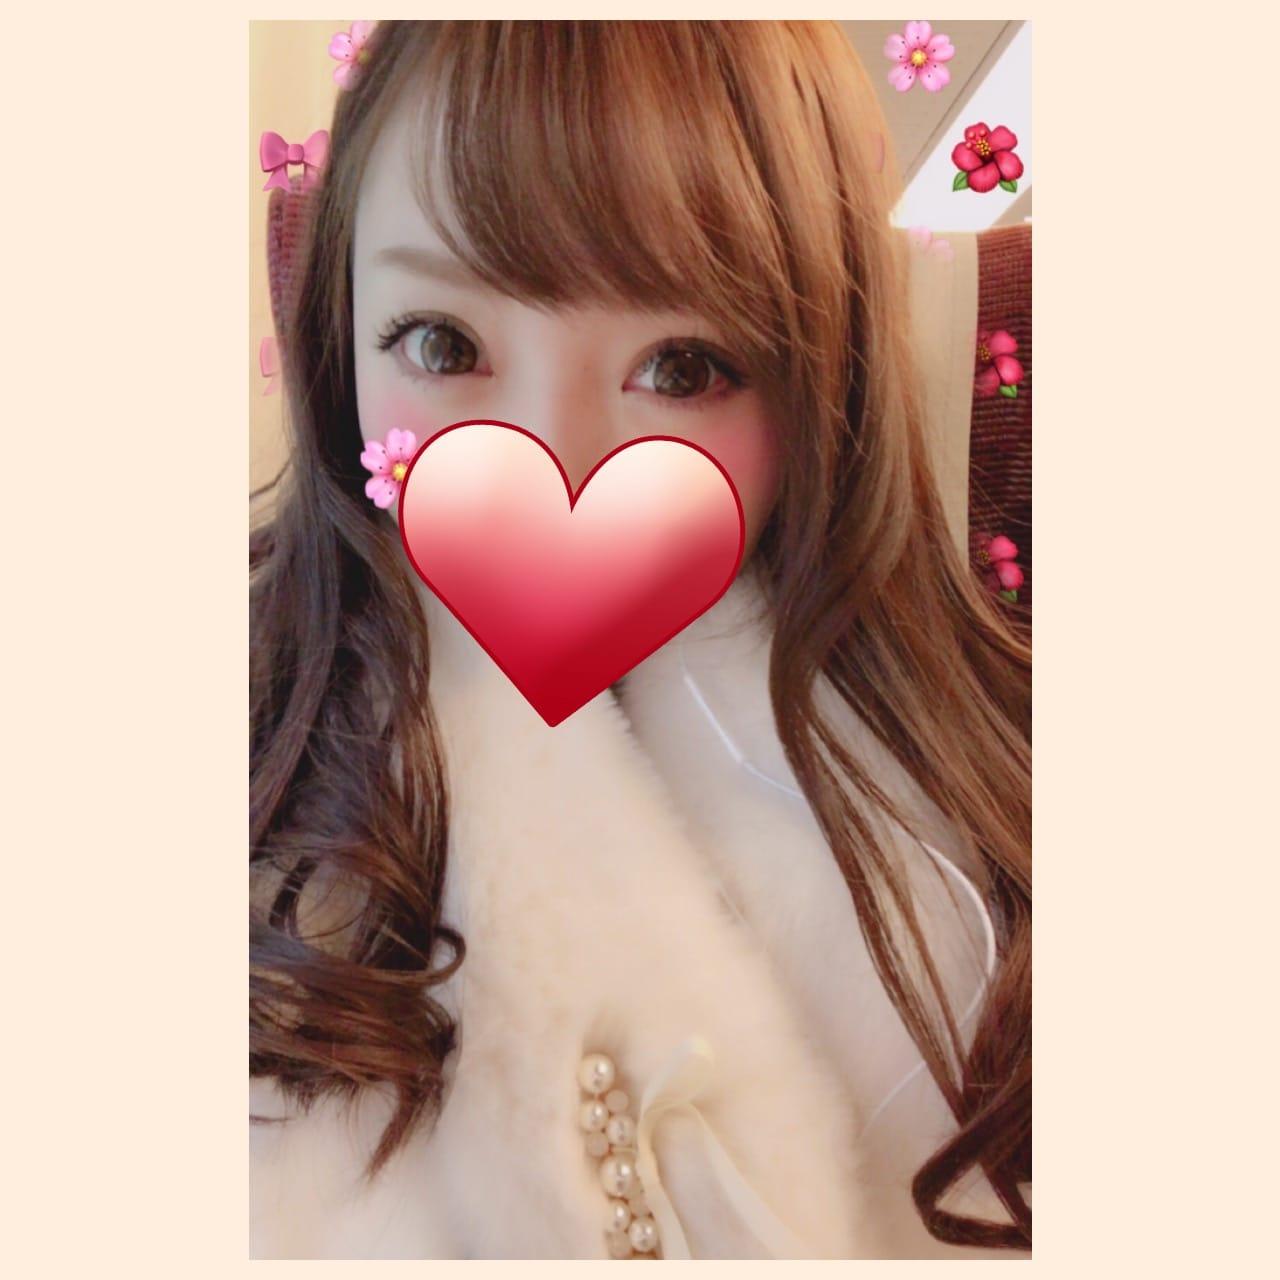 「今日は♡」11/24(金) 13:00 | ネネの写メ・風俗動画